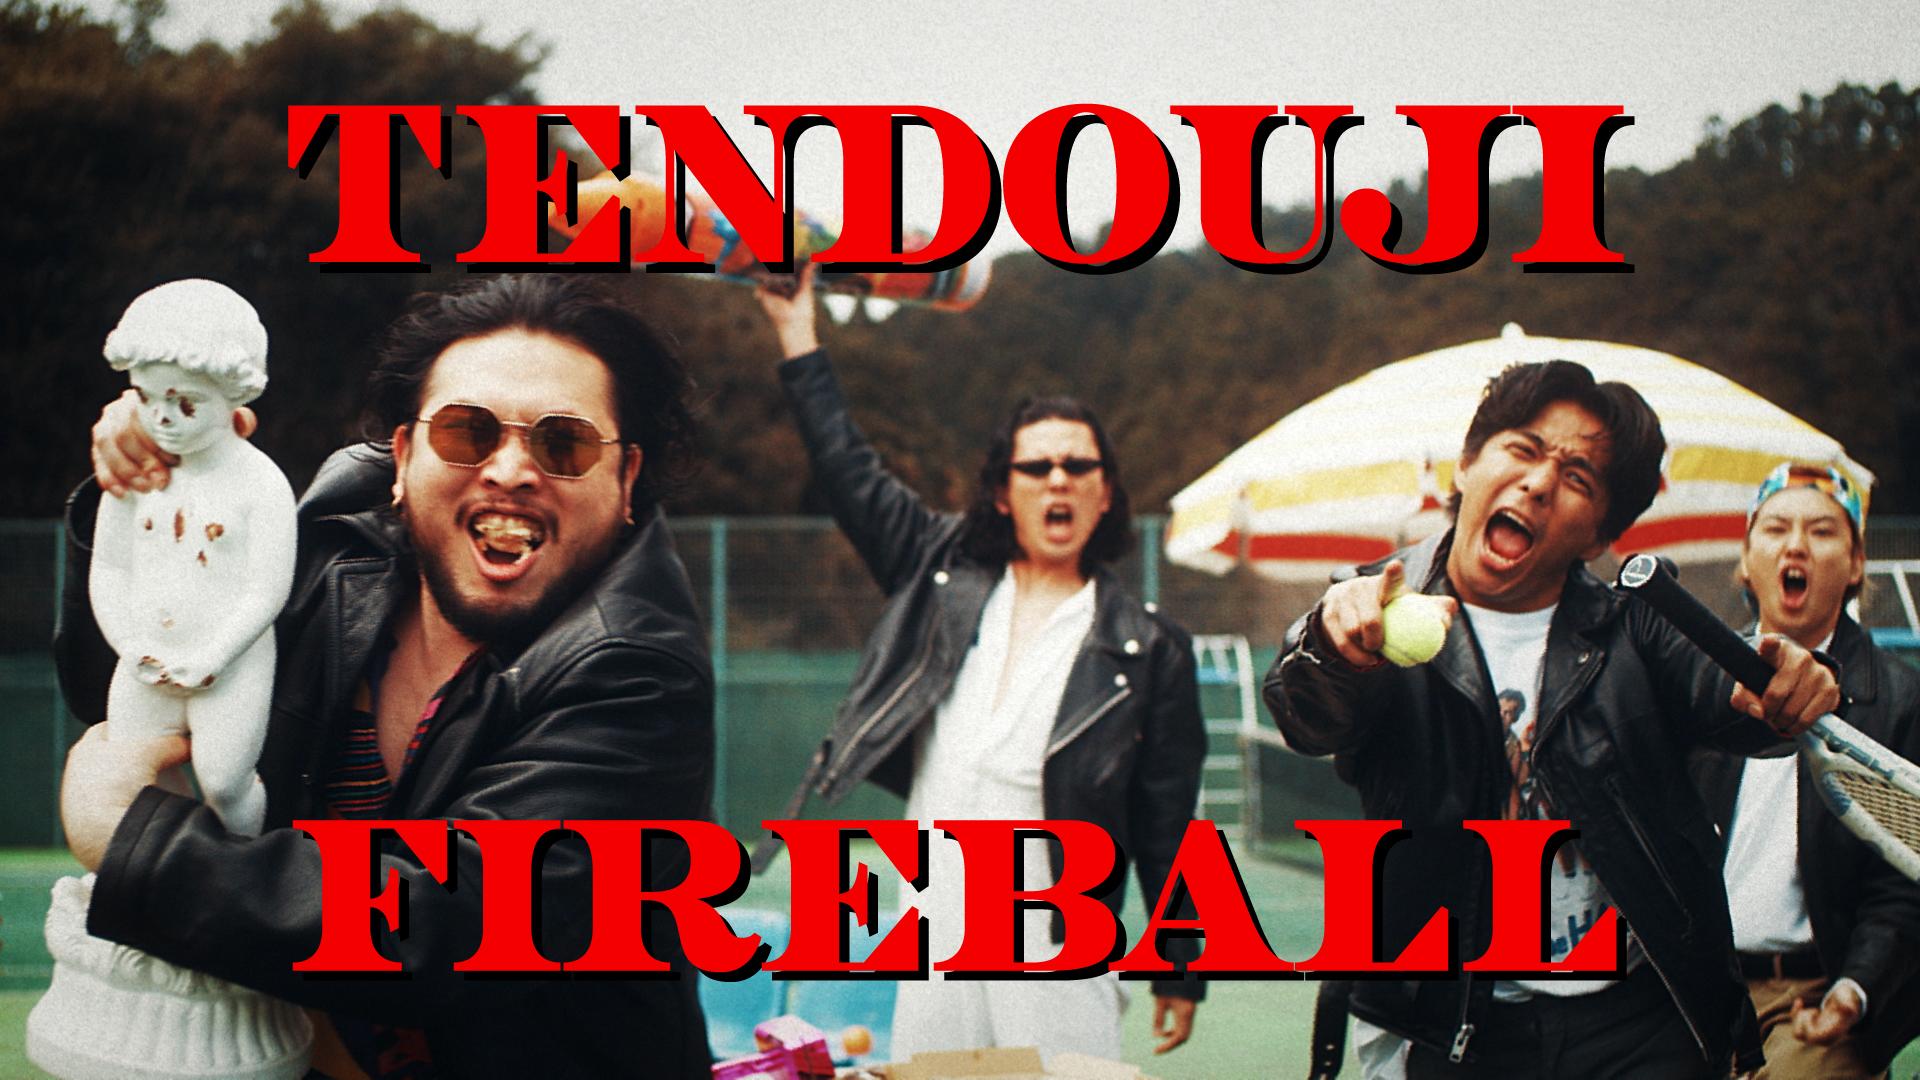 TENDOUJI「FIREBALL」Music Videoサムネイル